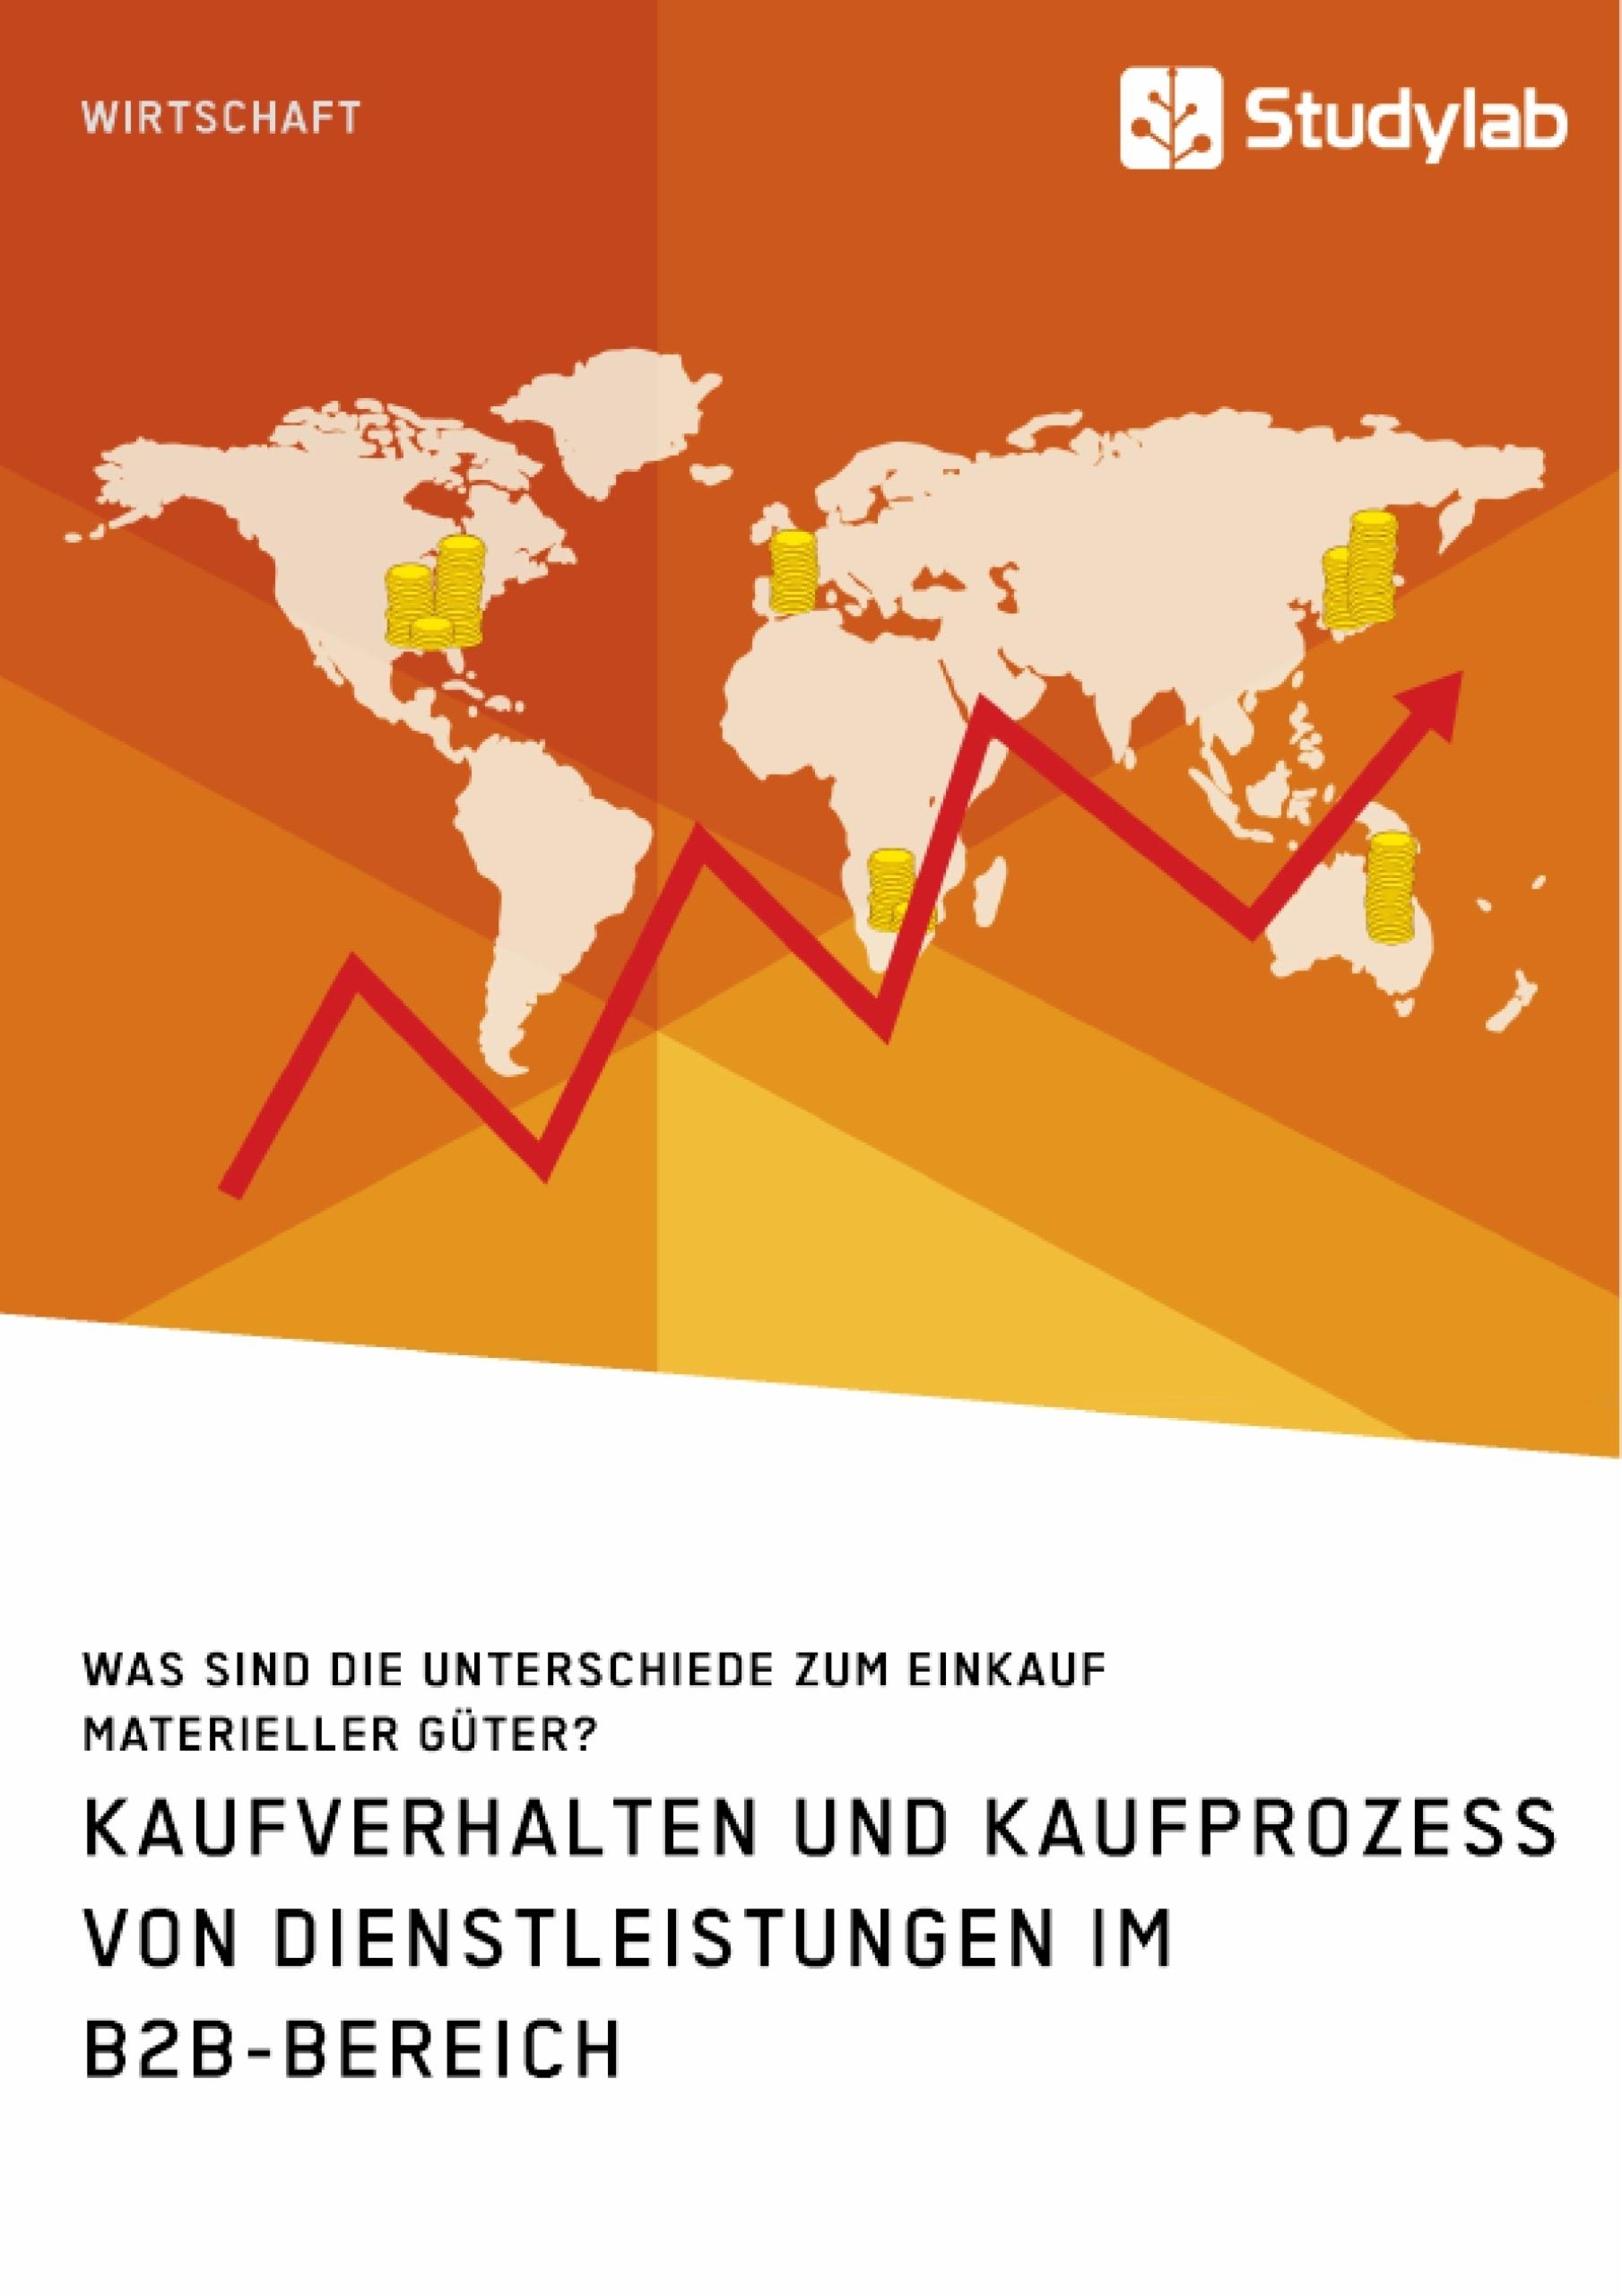 Titel: Kaufverhalten und Kaufprozess von Dienstleistungen im B2B-Bereich. Was sind die Unterschiede zum Einkauf materieller Güter?